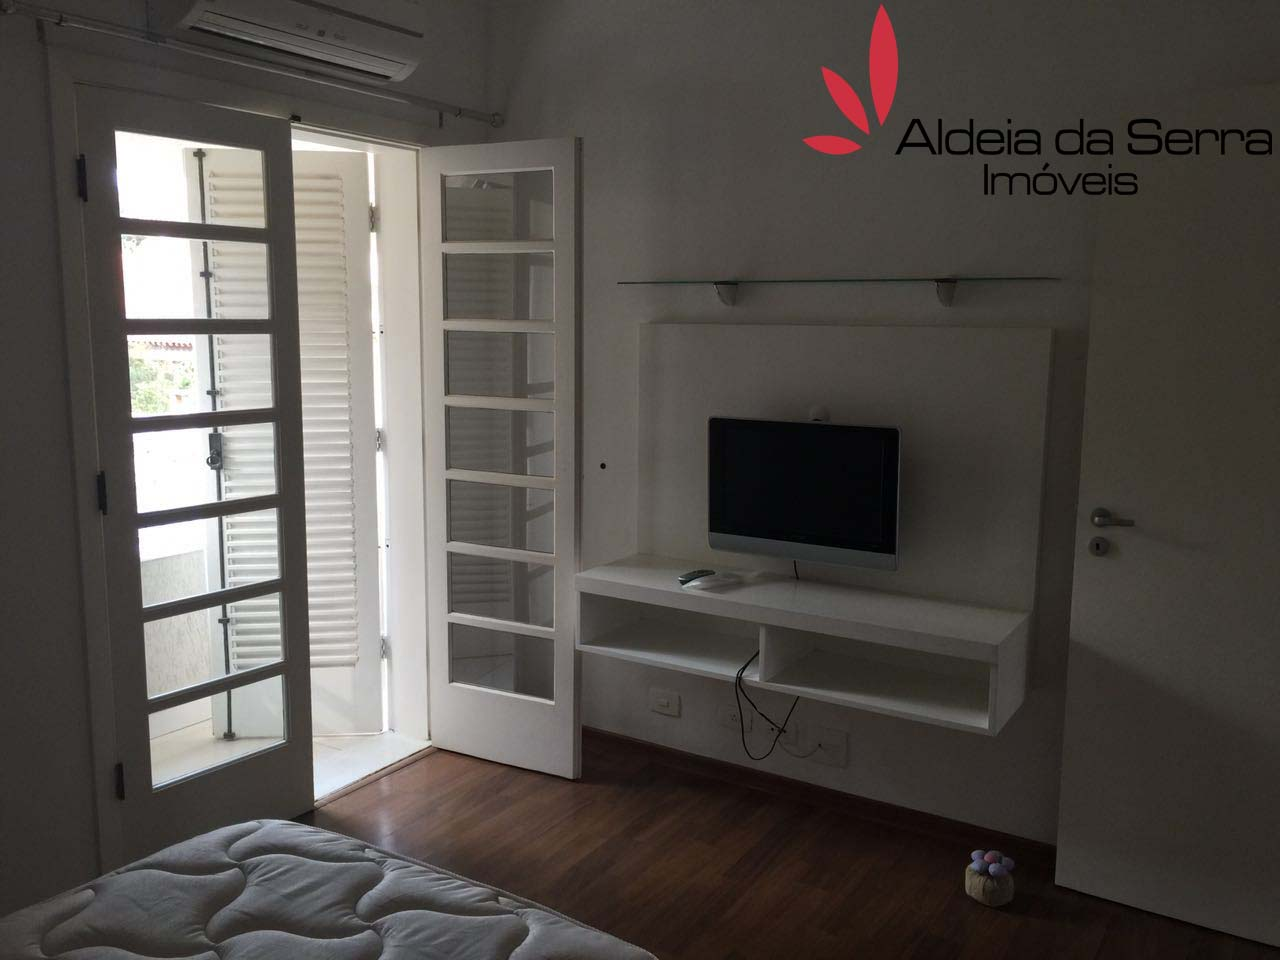 /admin/imoveis/fotos/IMG-20160824-WA0009.jpg Aldeia da Serra Imoveis